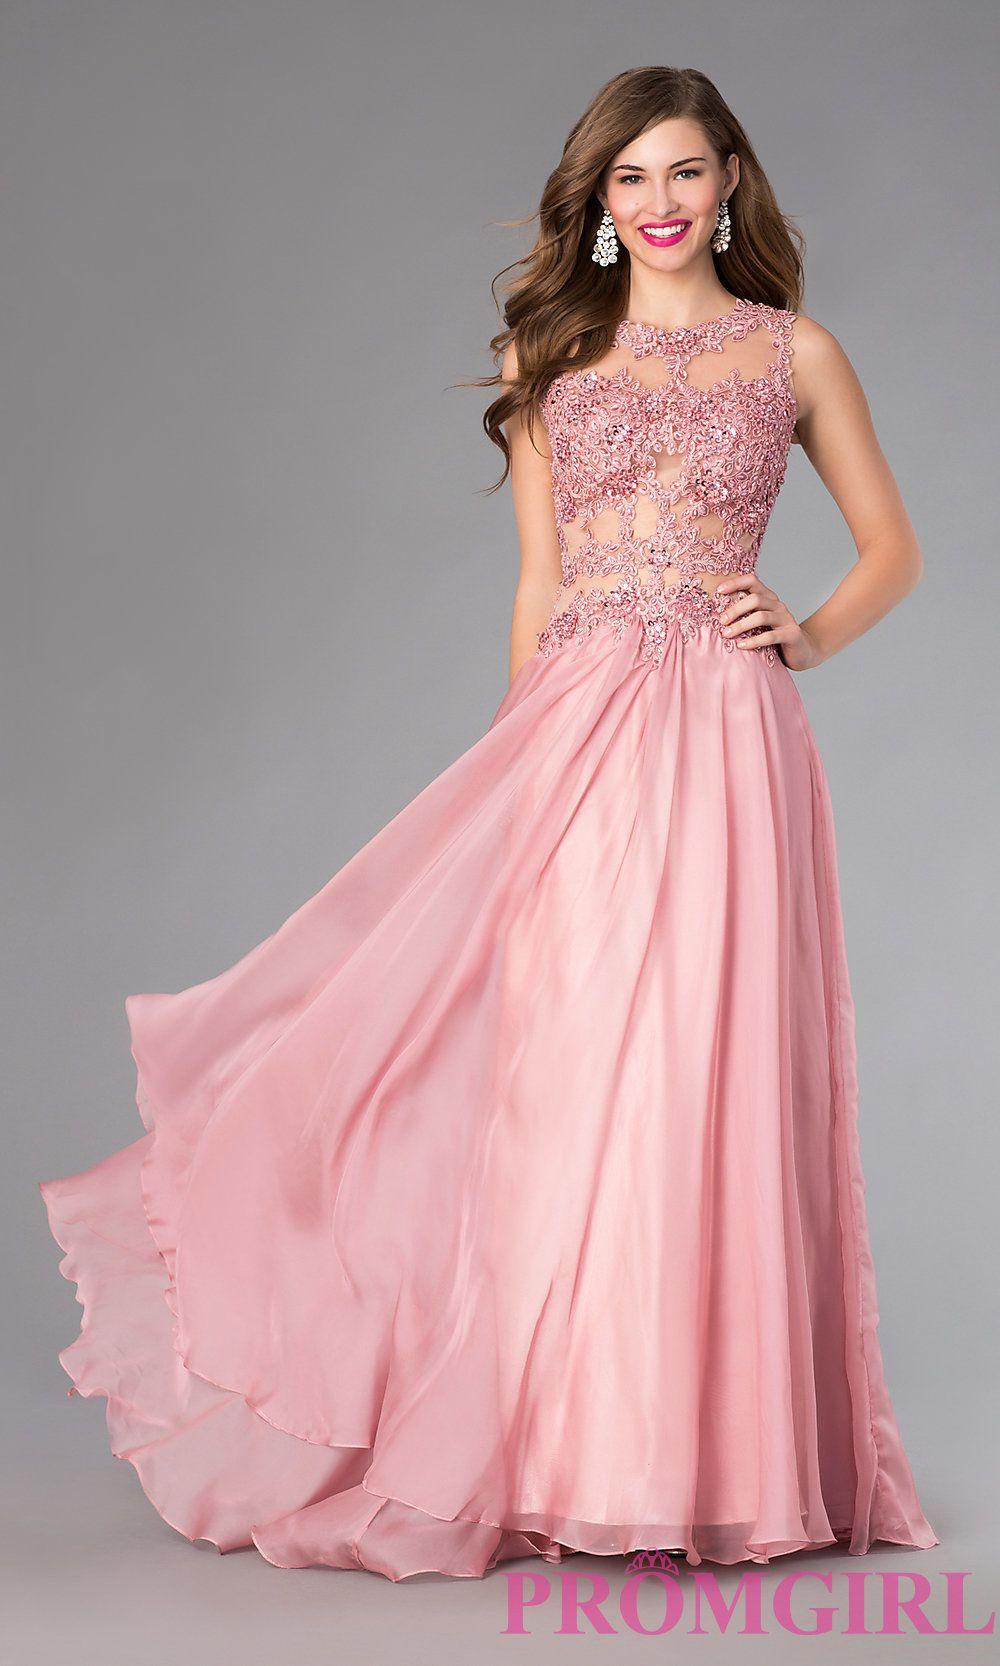 Increíble Londres Vestidos Prom Tiendas Ideas - Colección de ...